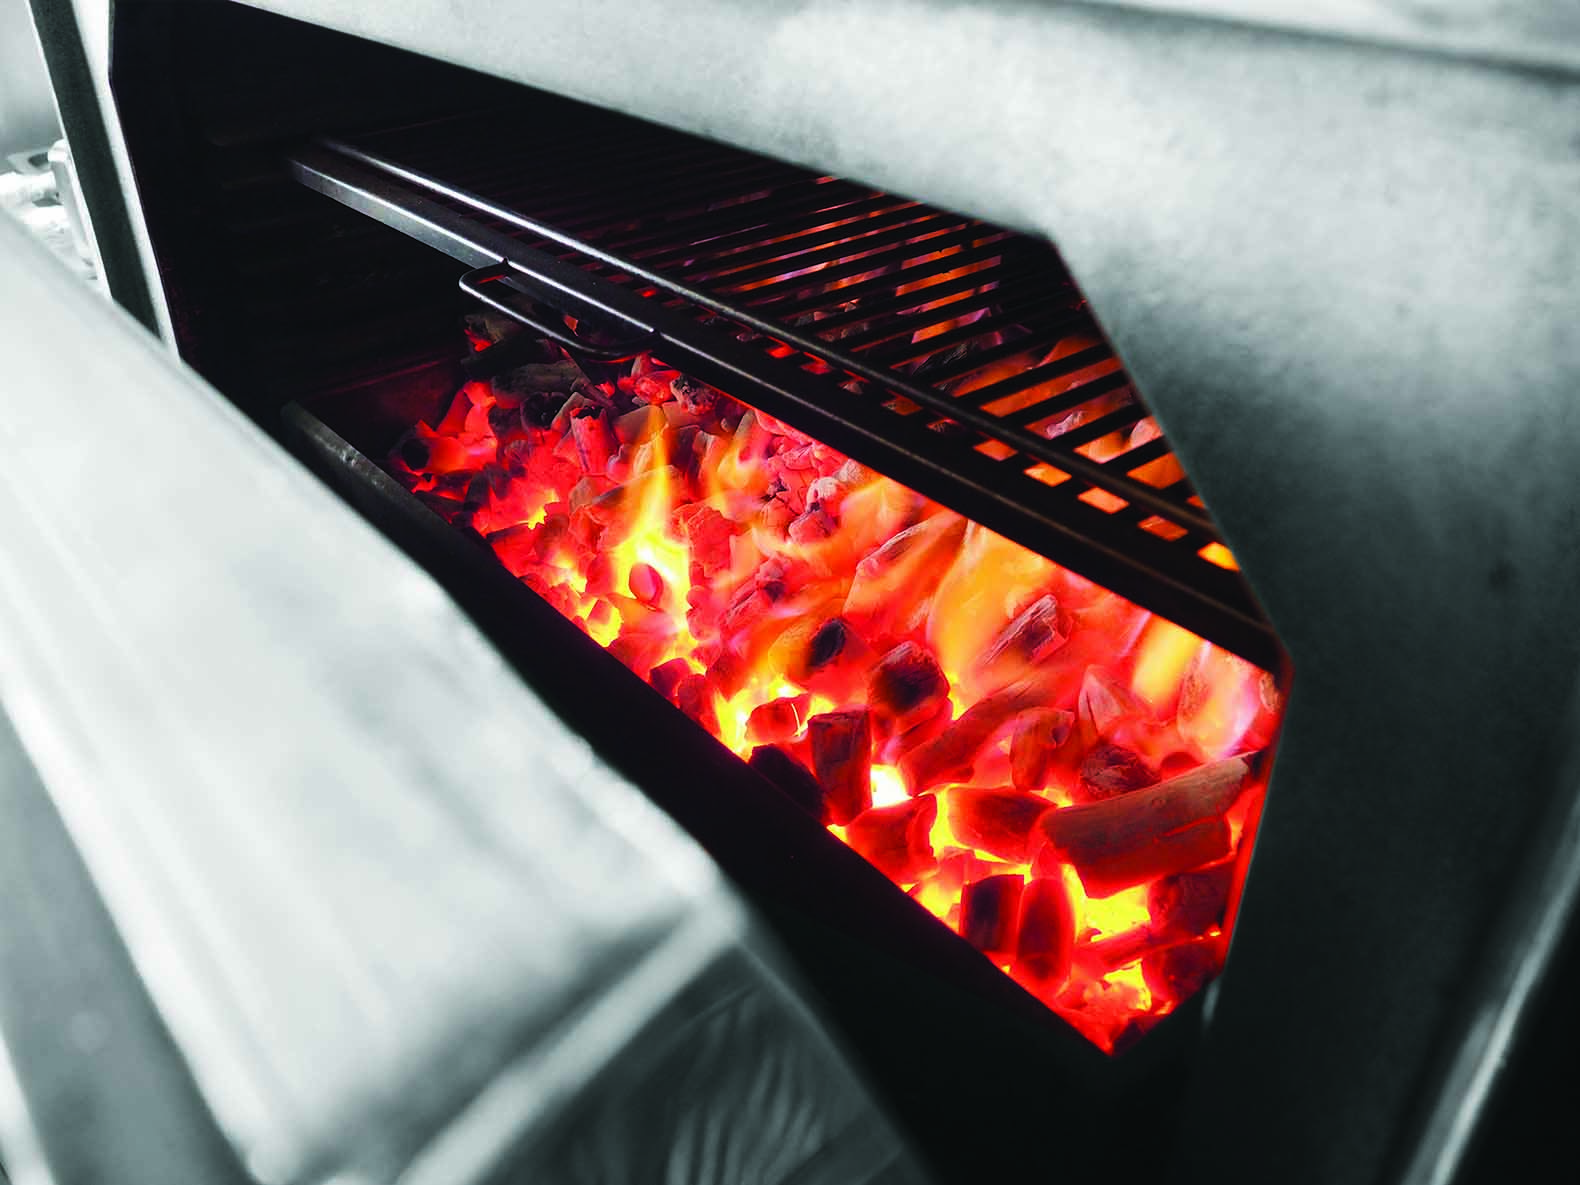 Cocinar con horno josper. Cocina con carbon vegetal